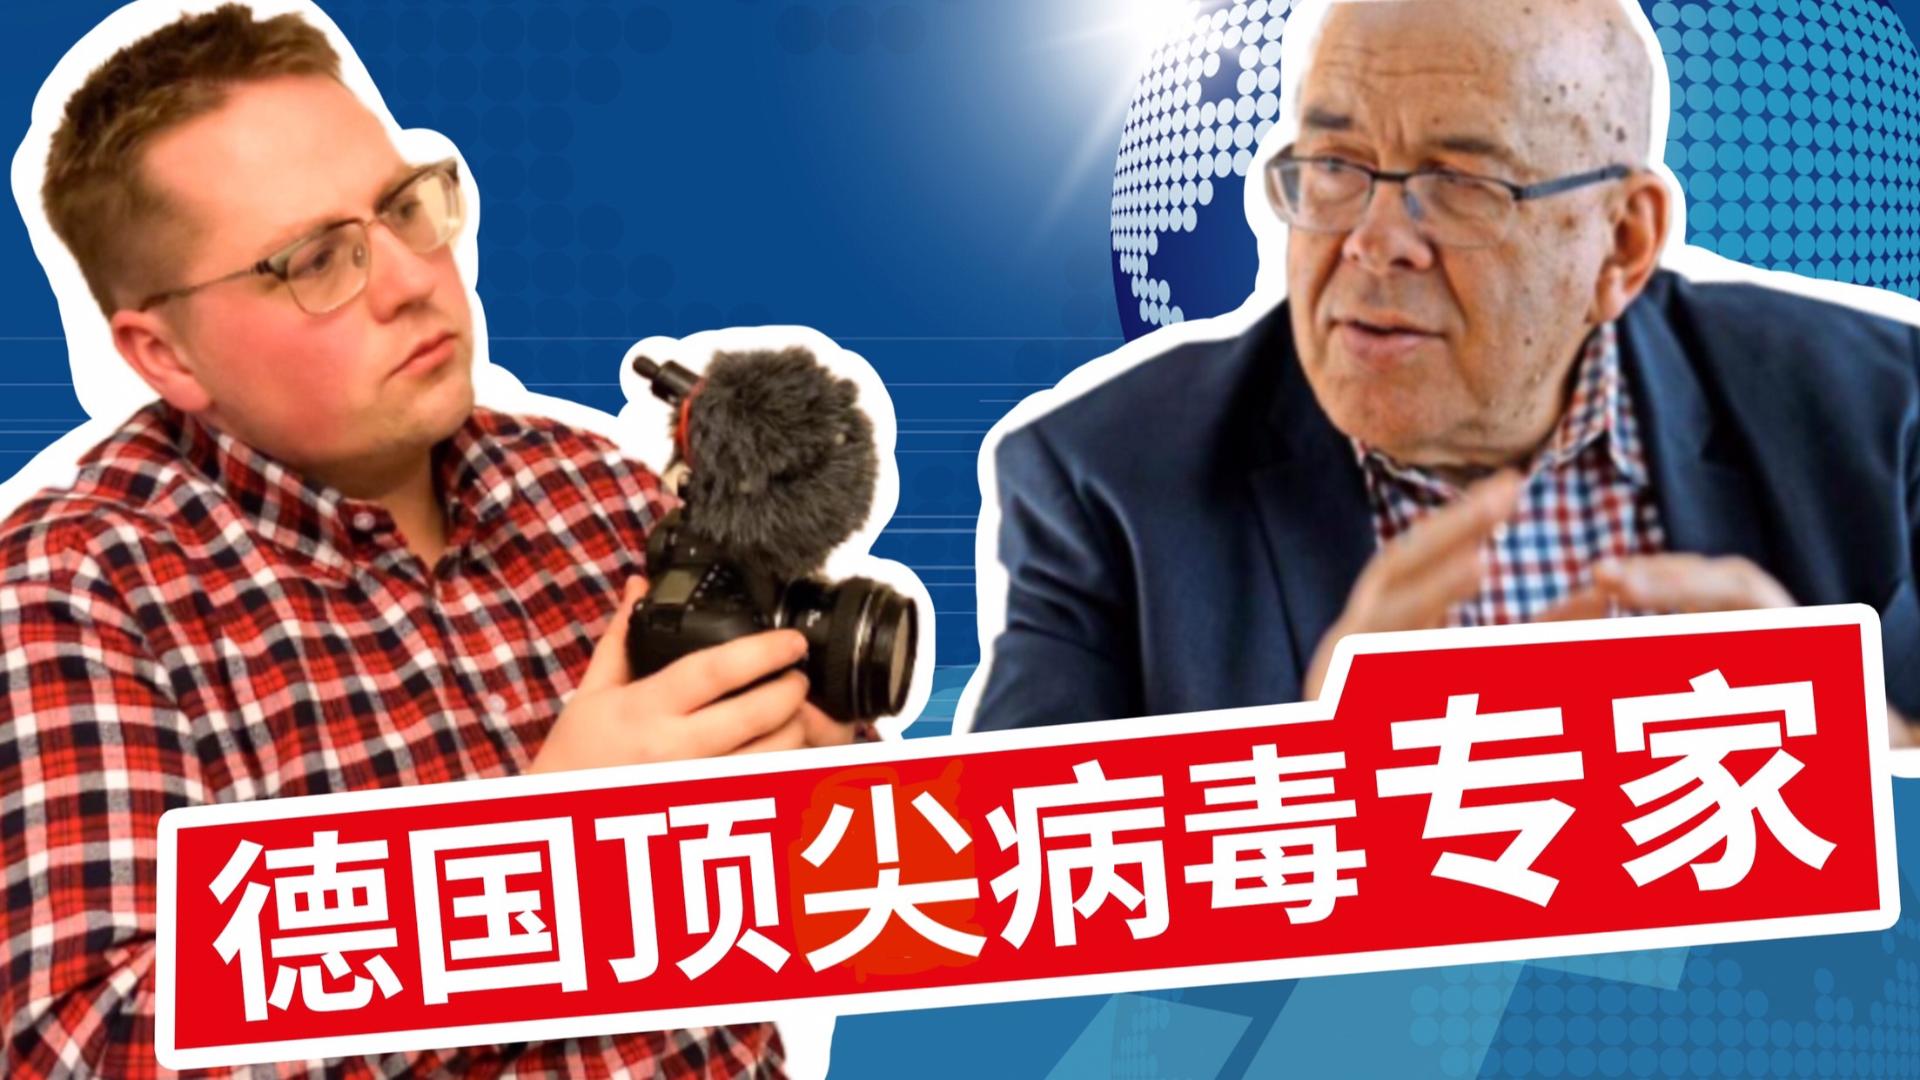 武汉肺炎 | 我采访了刚到中国支援的德国顶尖病毒研究家